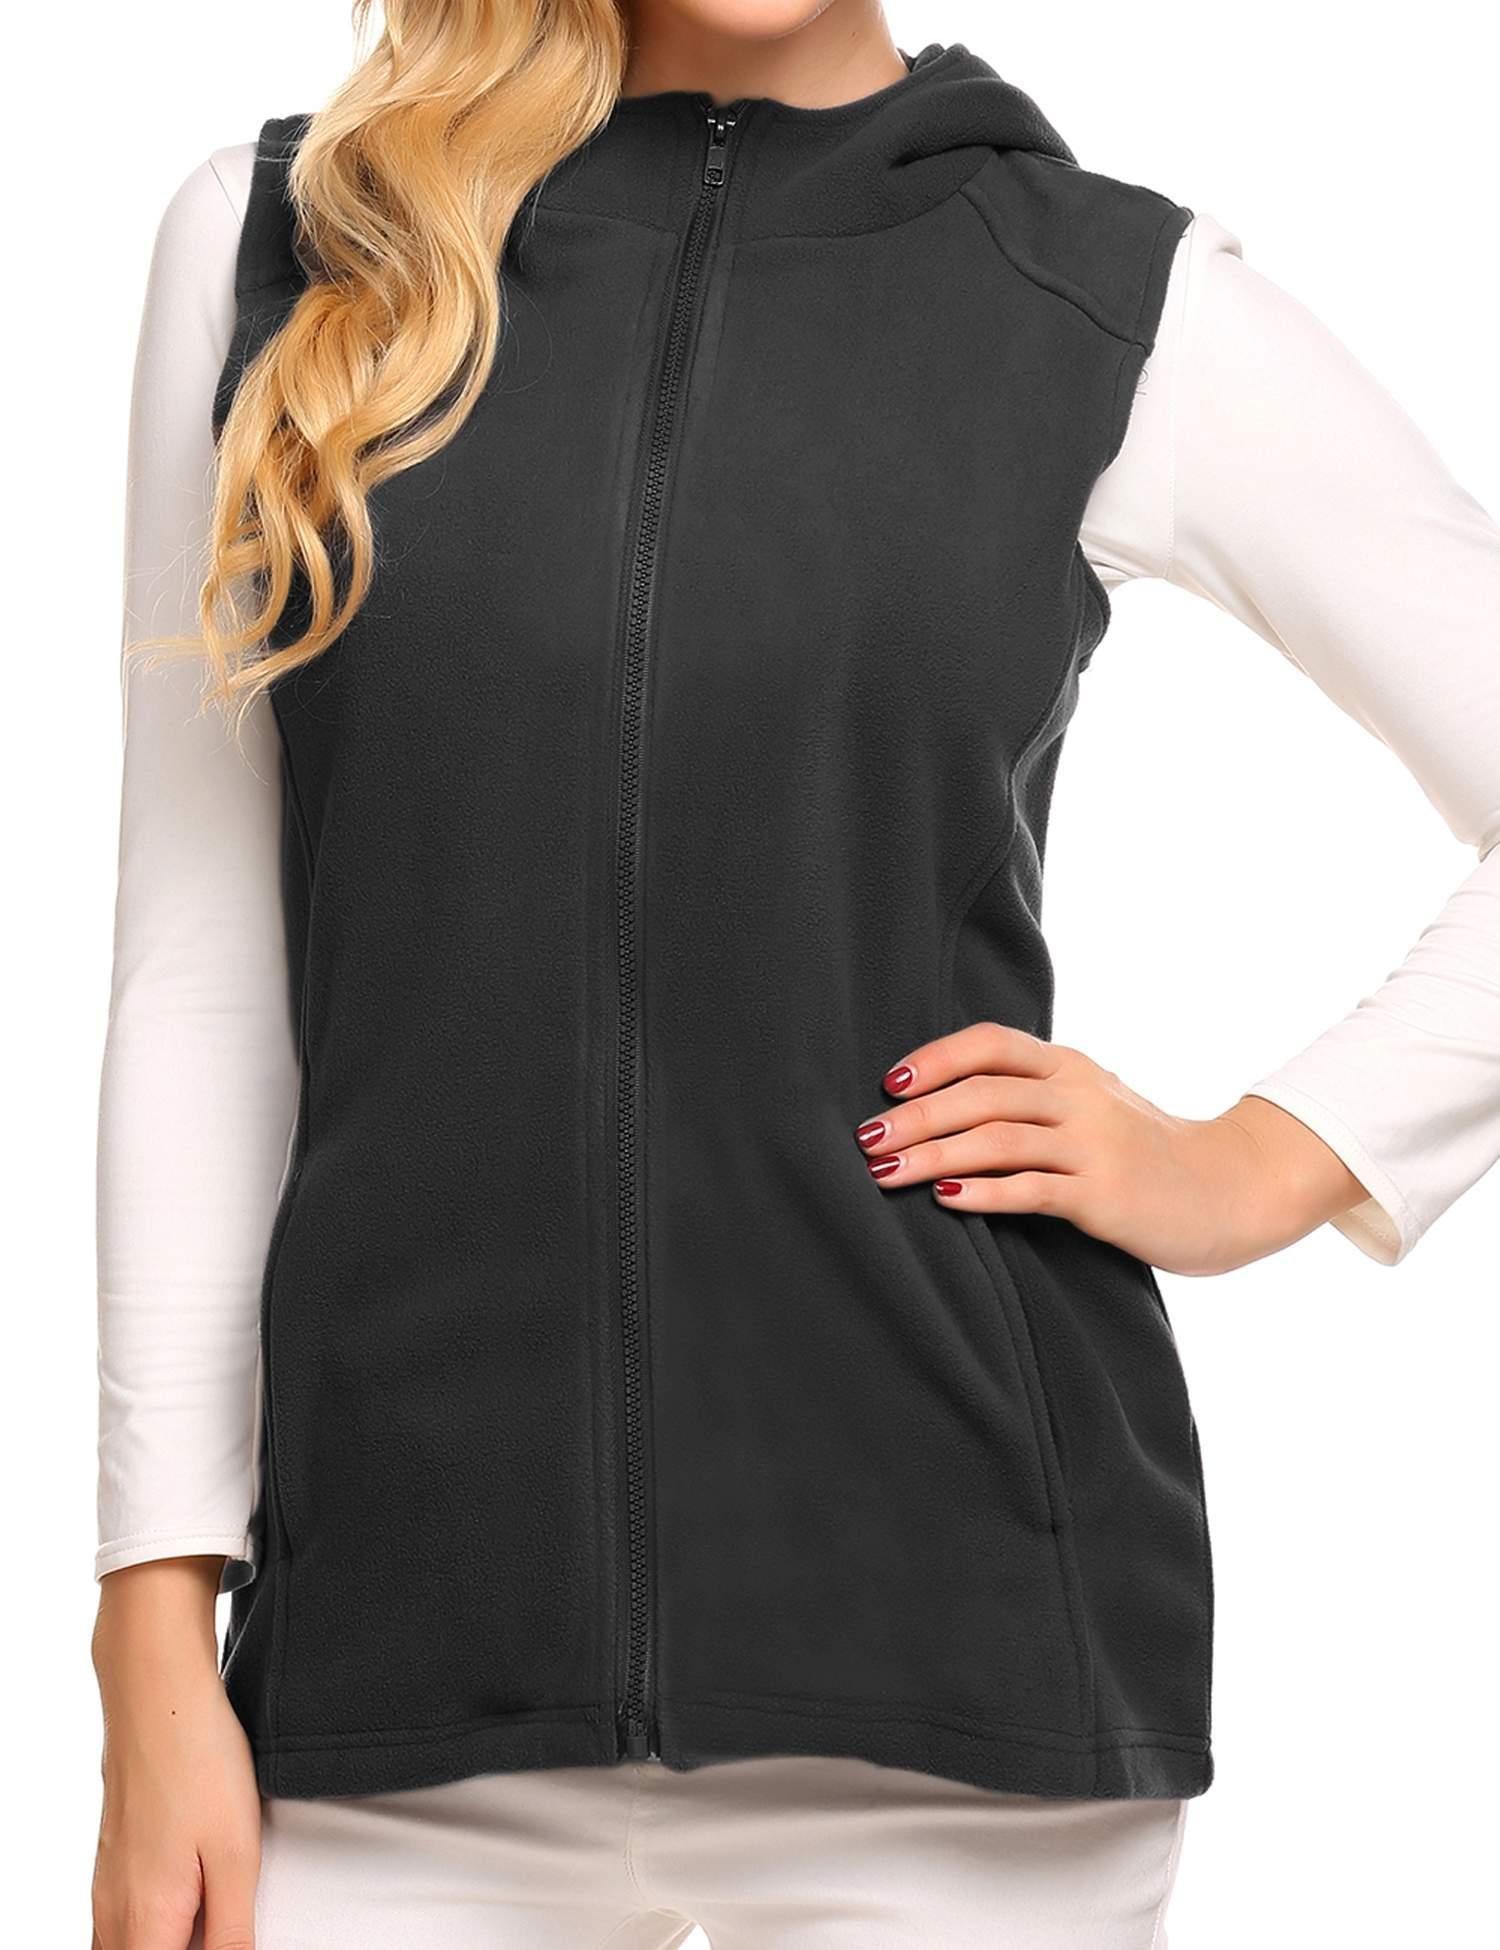 Soteer Women's Outdoor Quilted Vest Casual Zip Up Sleeveless Active Jacket Black L